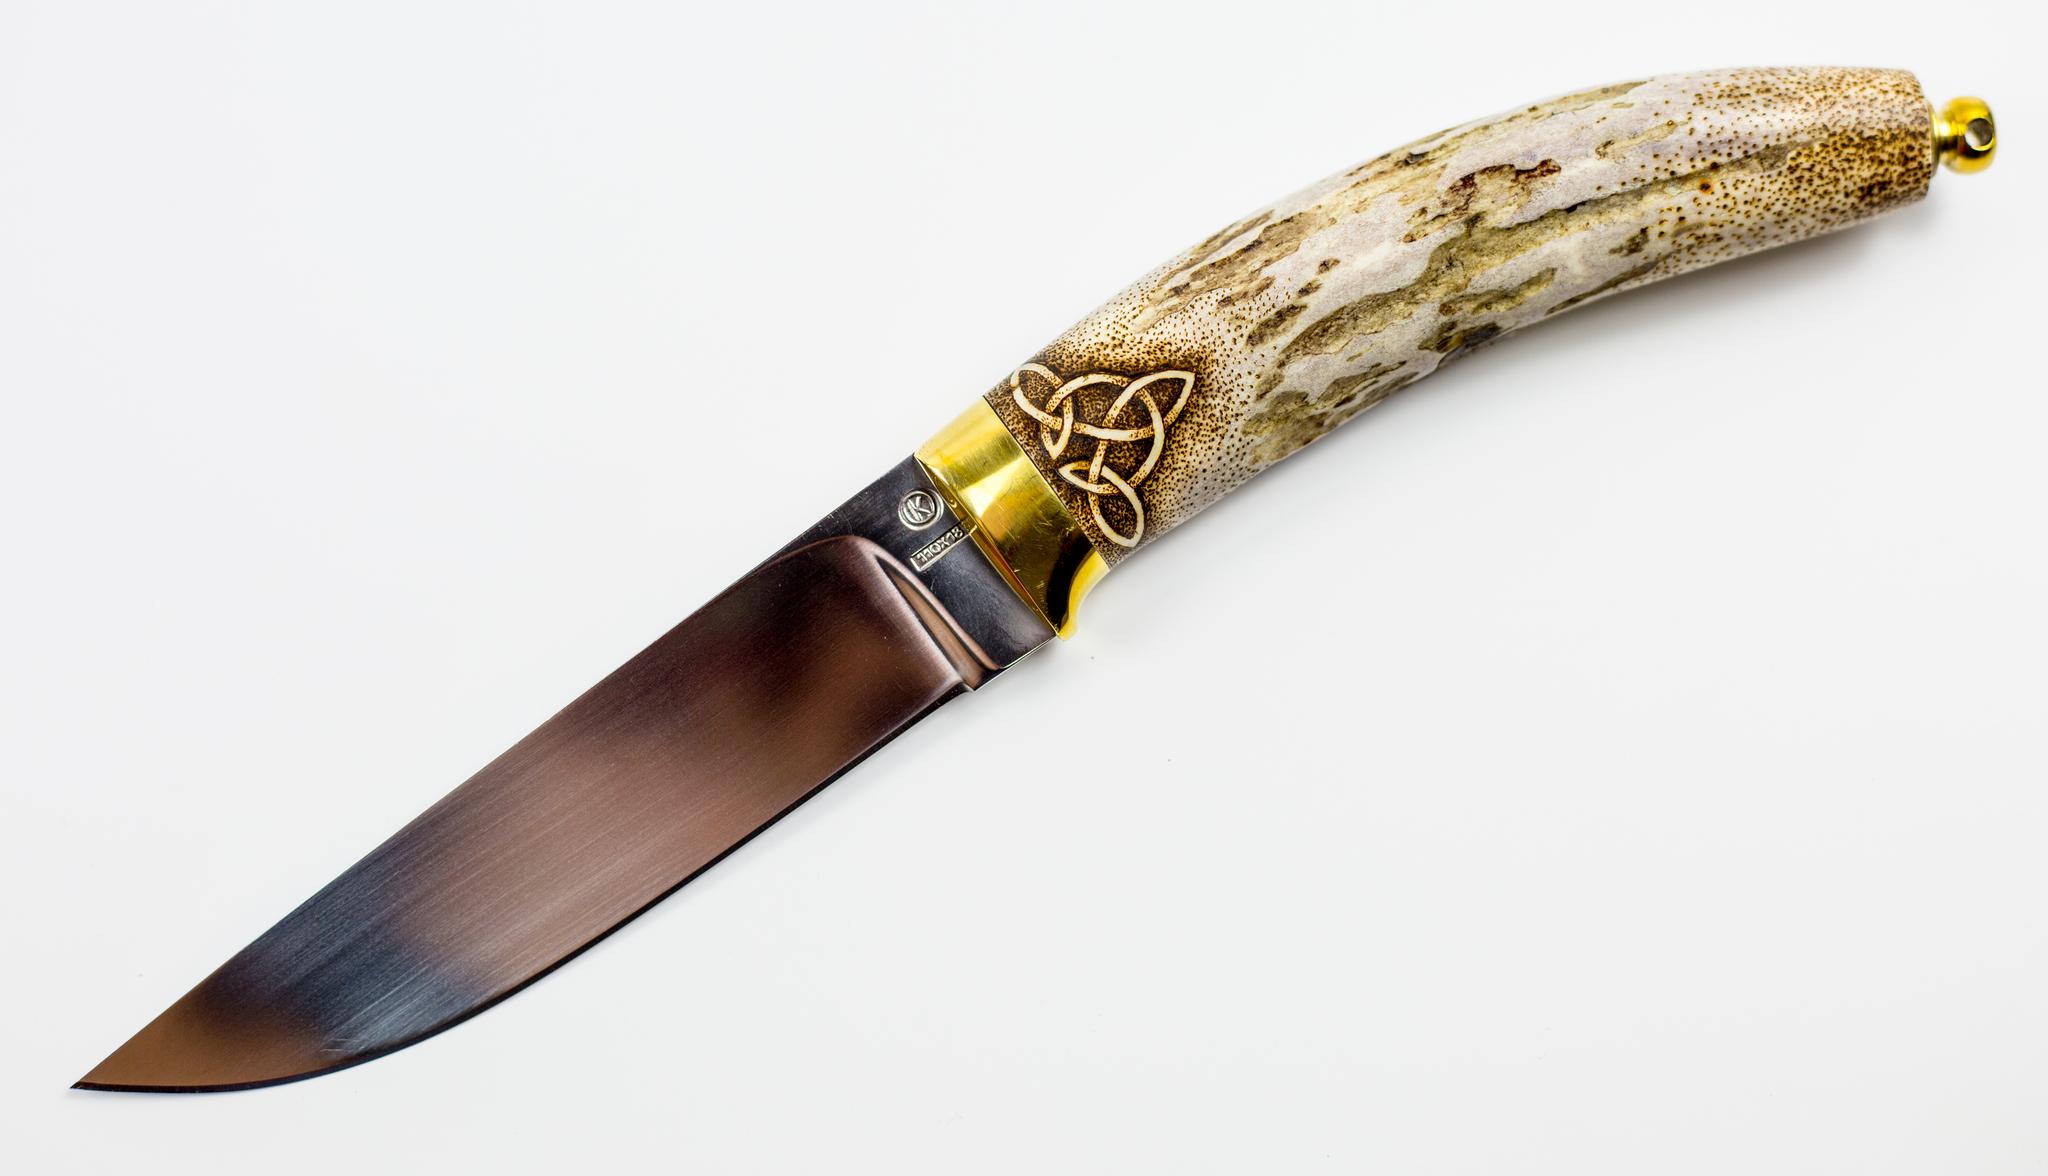 Фото 10 - Нож Грибник, сталь 110Х18, рукоять рог от Ножи Крутова